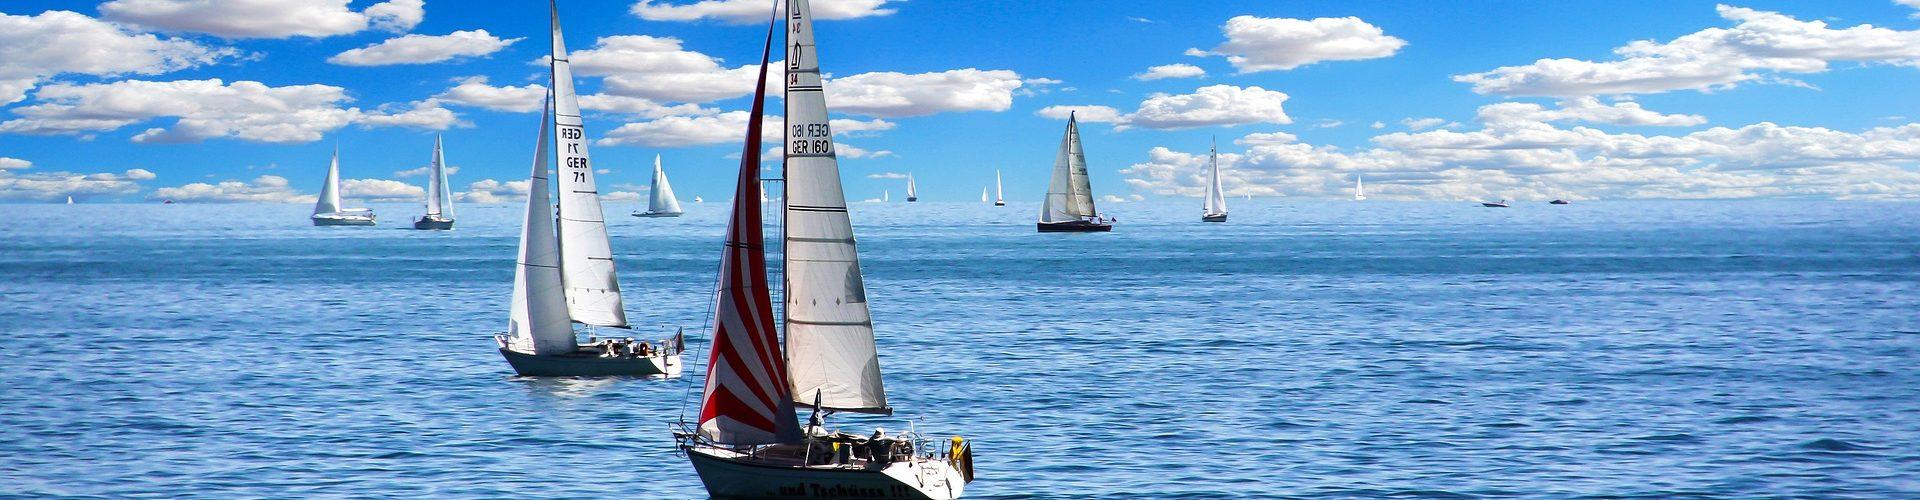 segeln lernen in Arnis segelschein machen in Arnis 1920x500 - Segeln lernen in Arnis